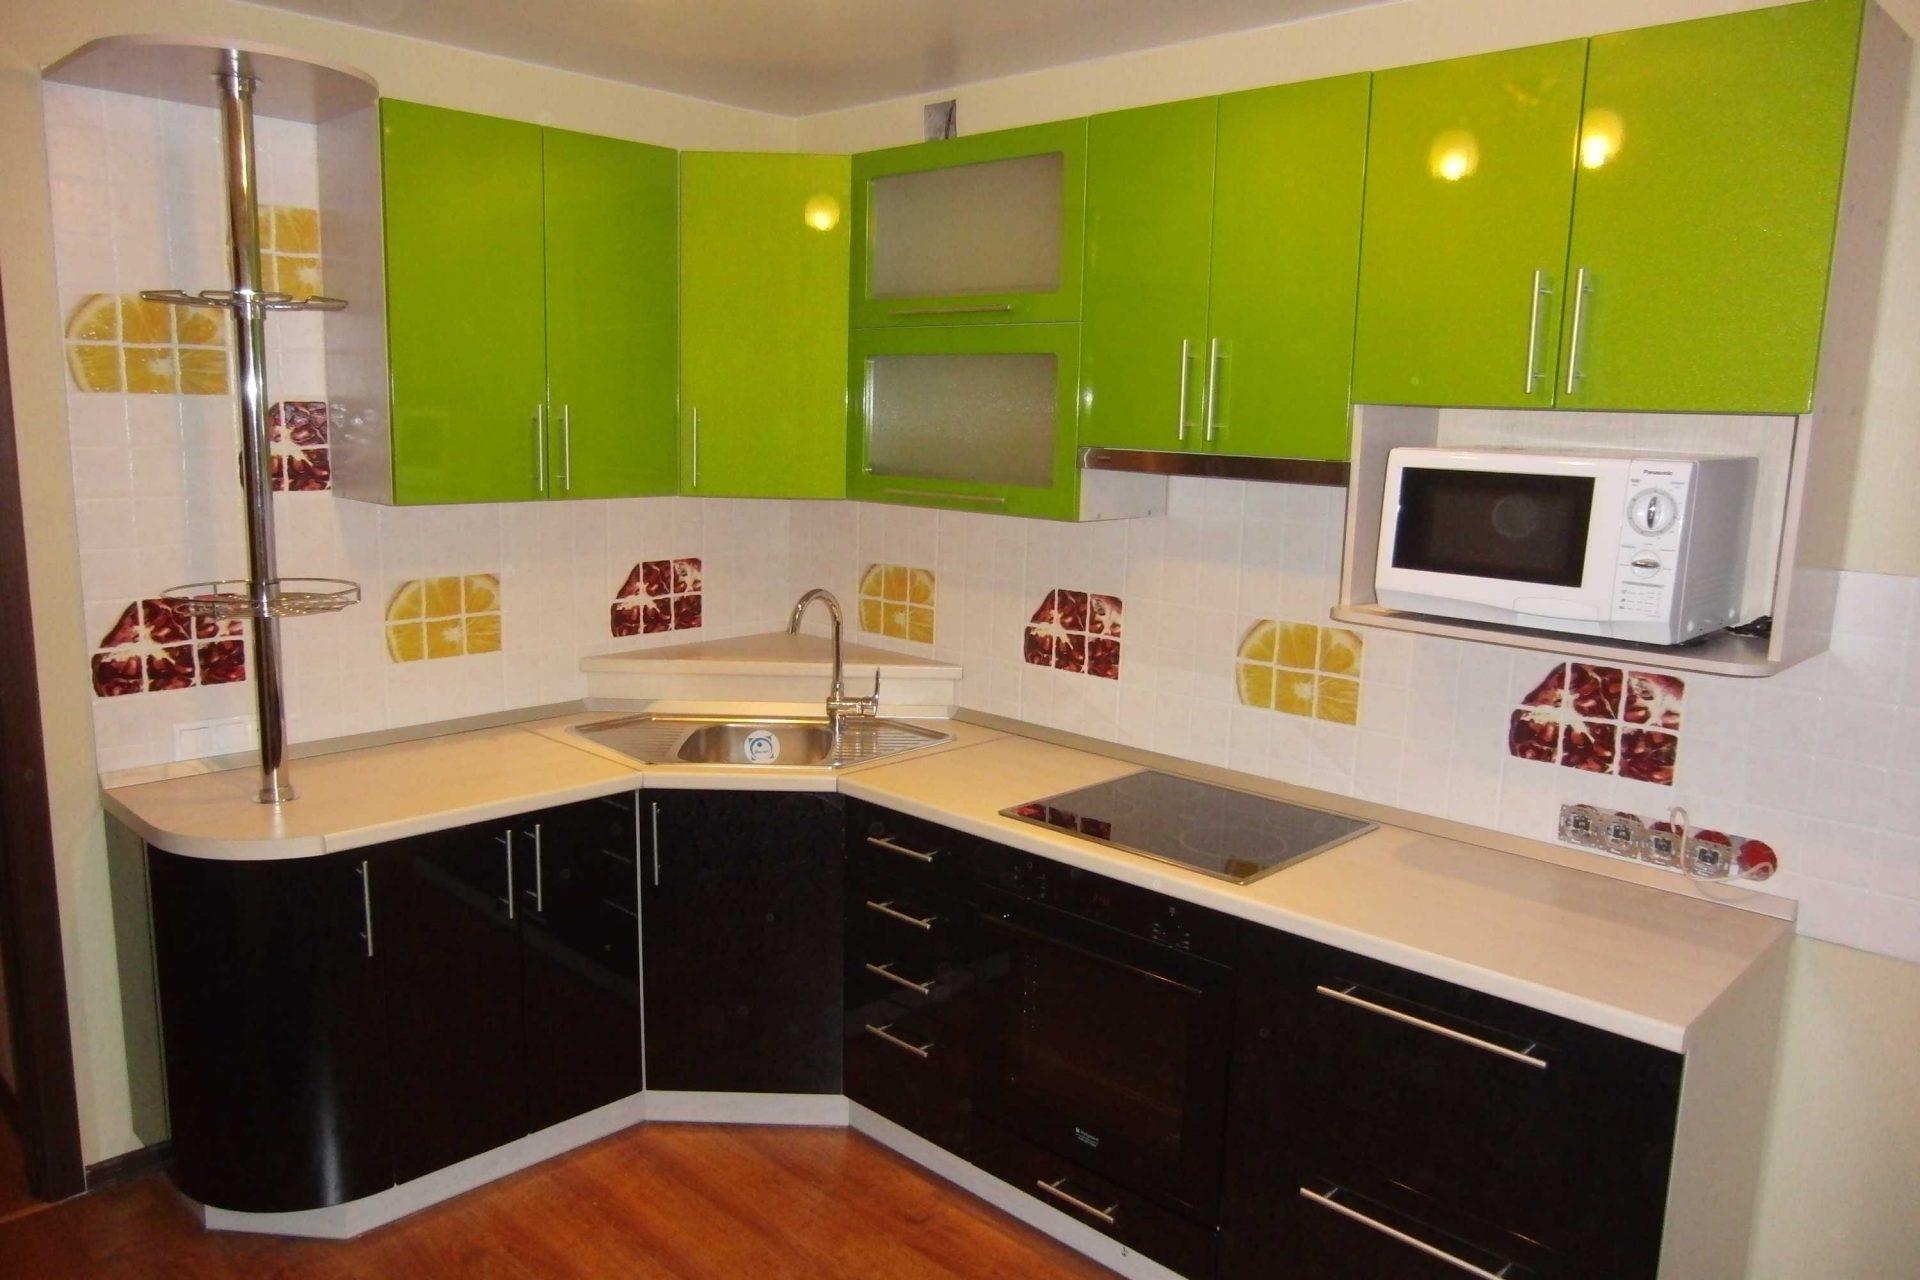 Салатаво-черная угловая кухня